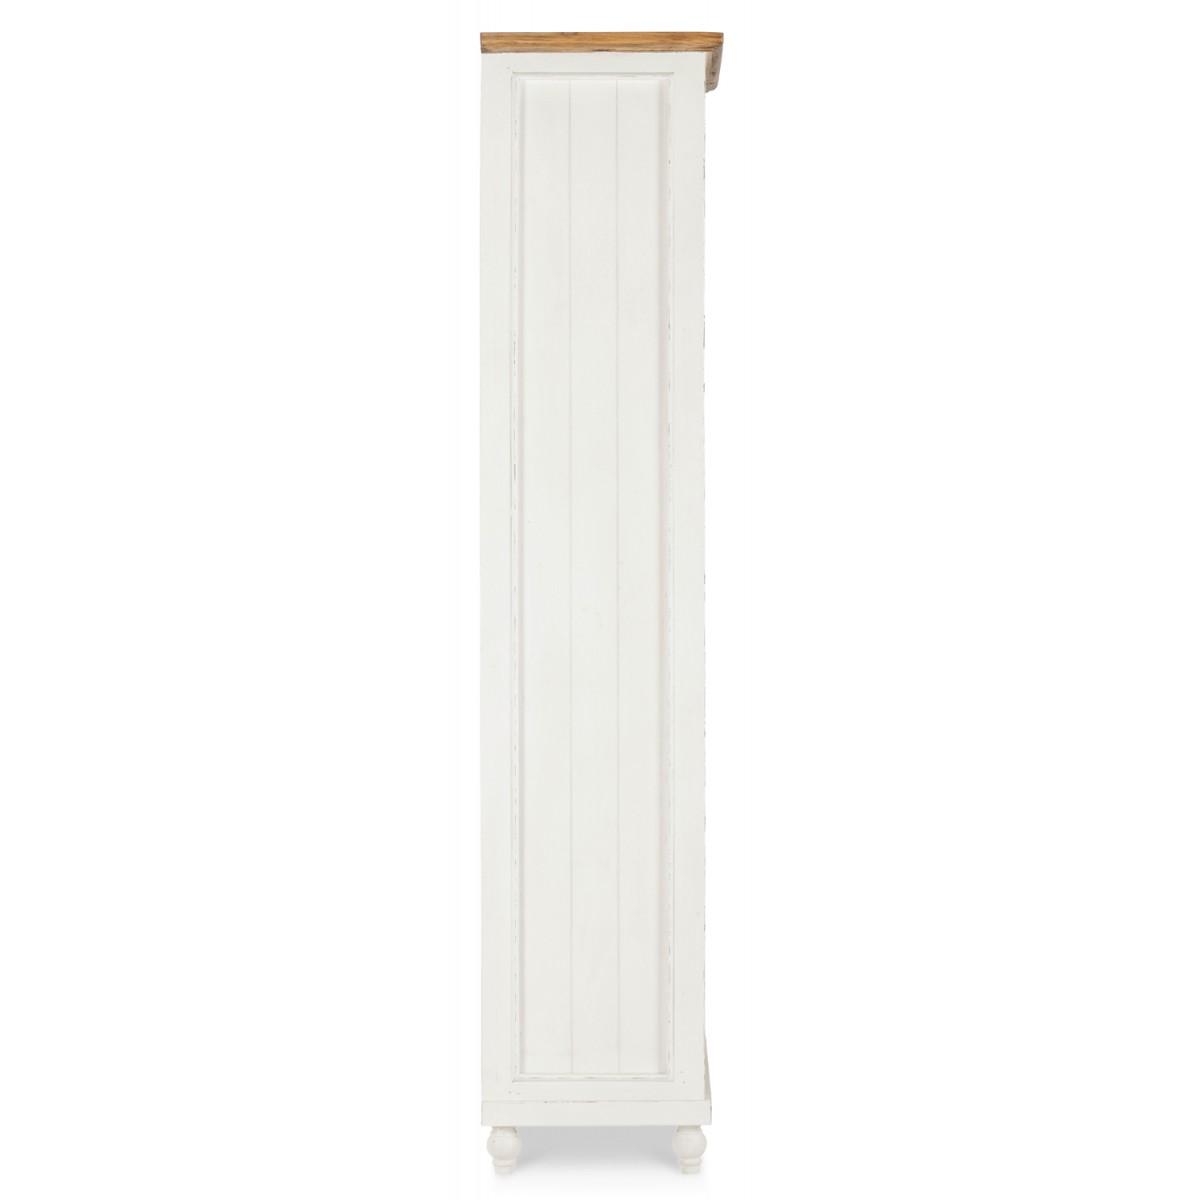 Bibliothèque Bois Blanc 80x38x180cm